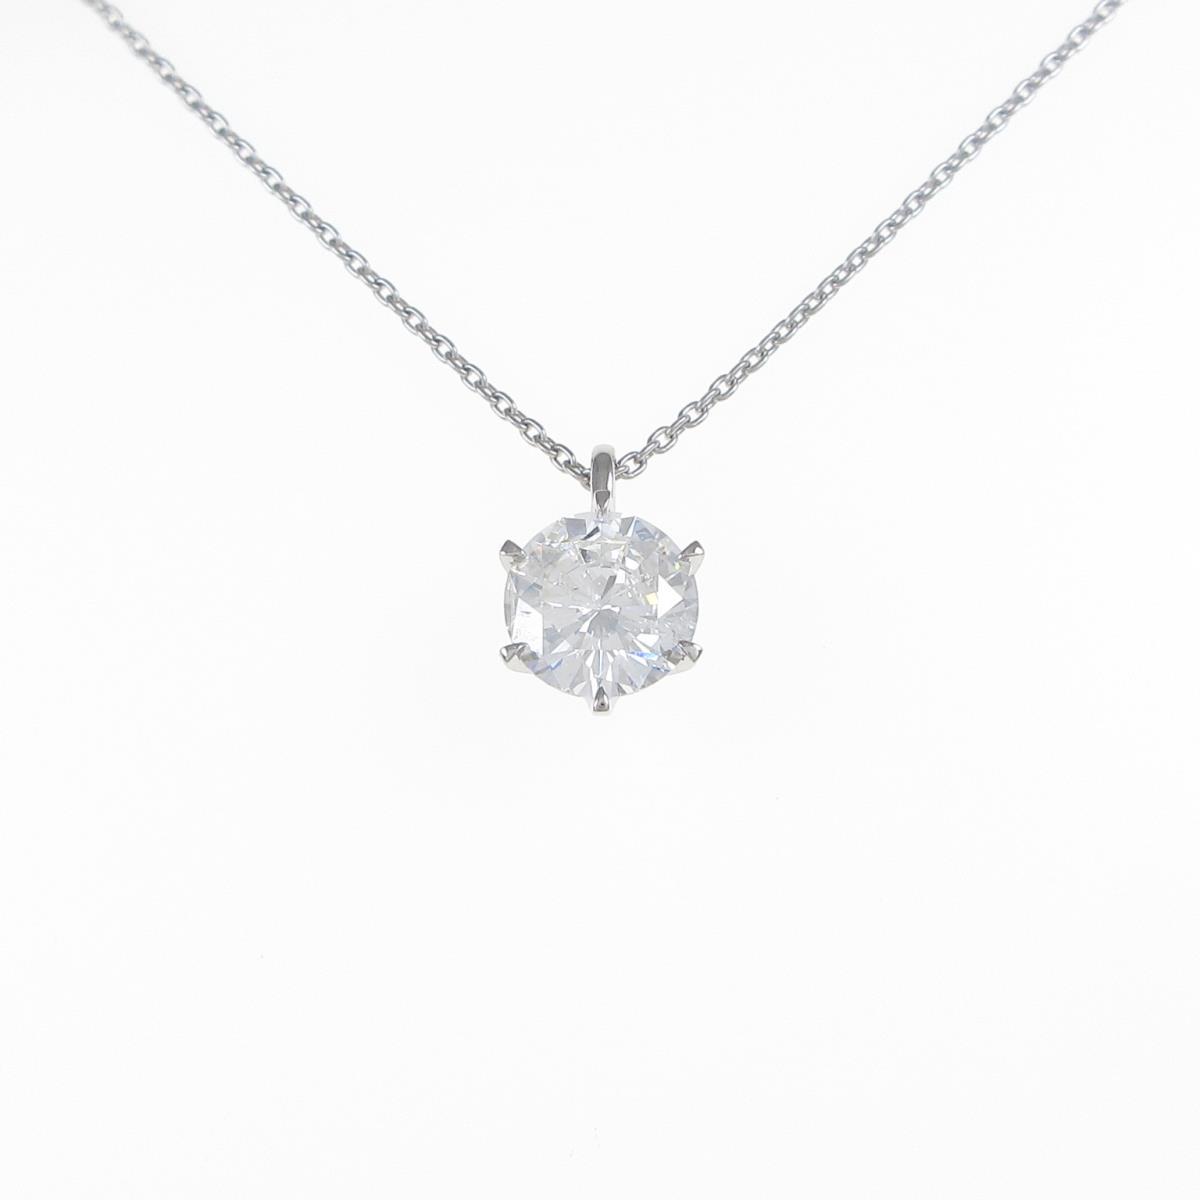 【リメイク】プラチナダイヤモンドネックレス 2.013ct・H・SI2・FAIR【中古】